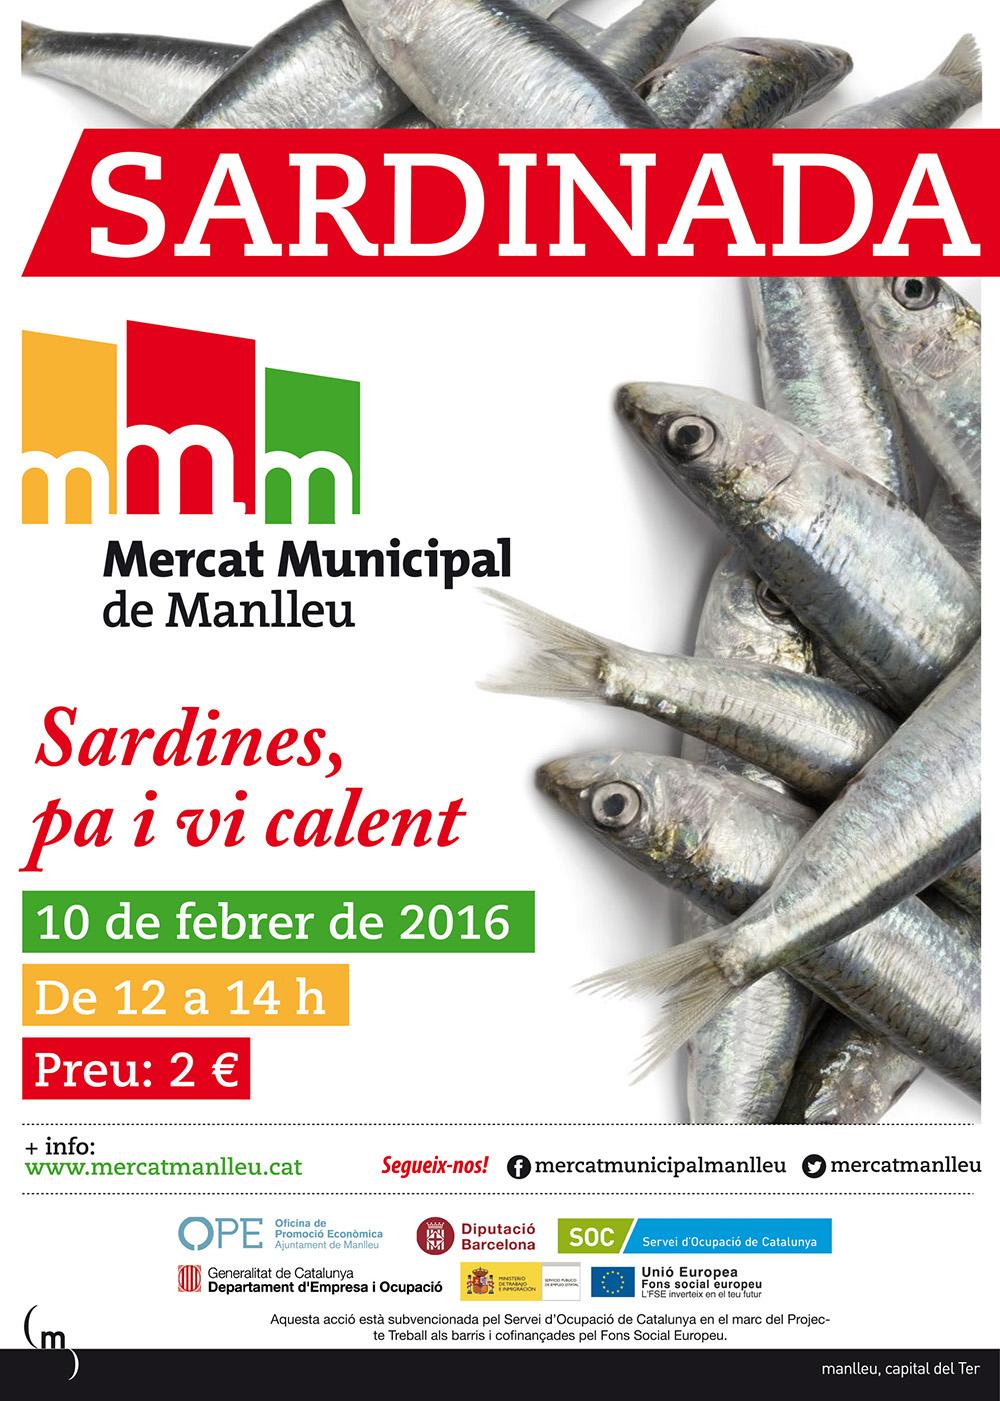 Sardinada Mercat Manlleu